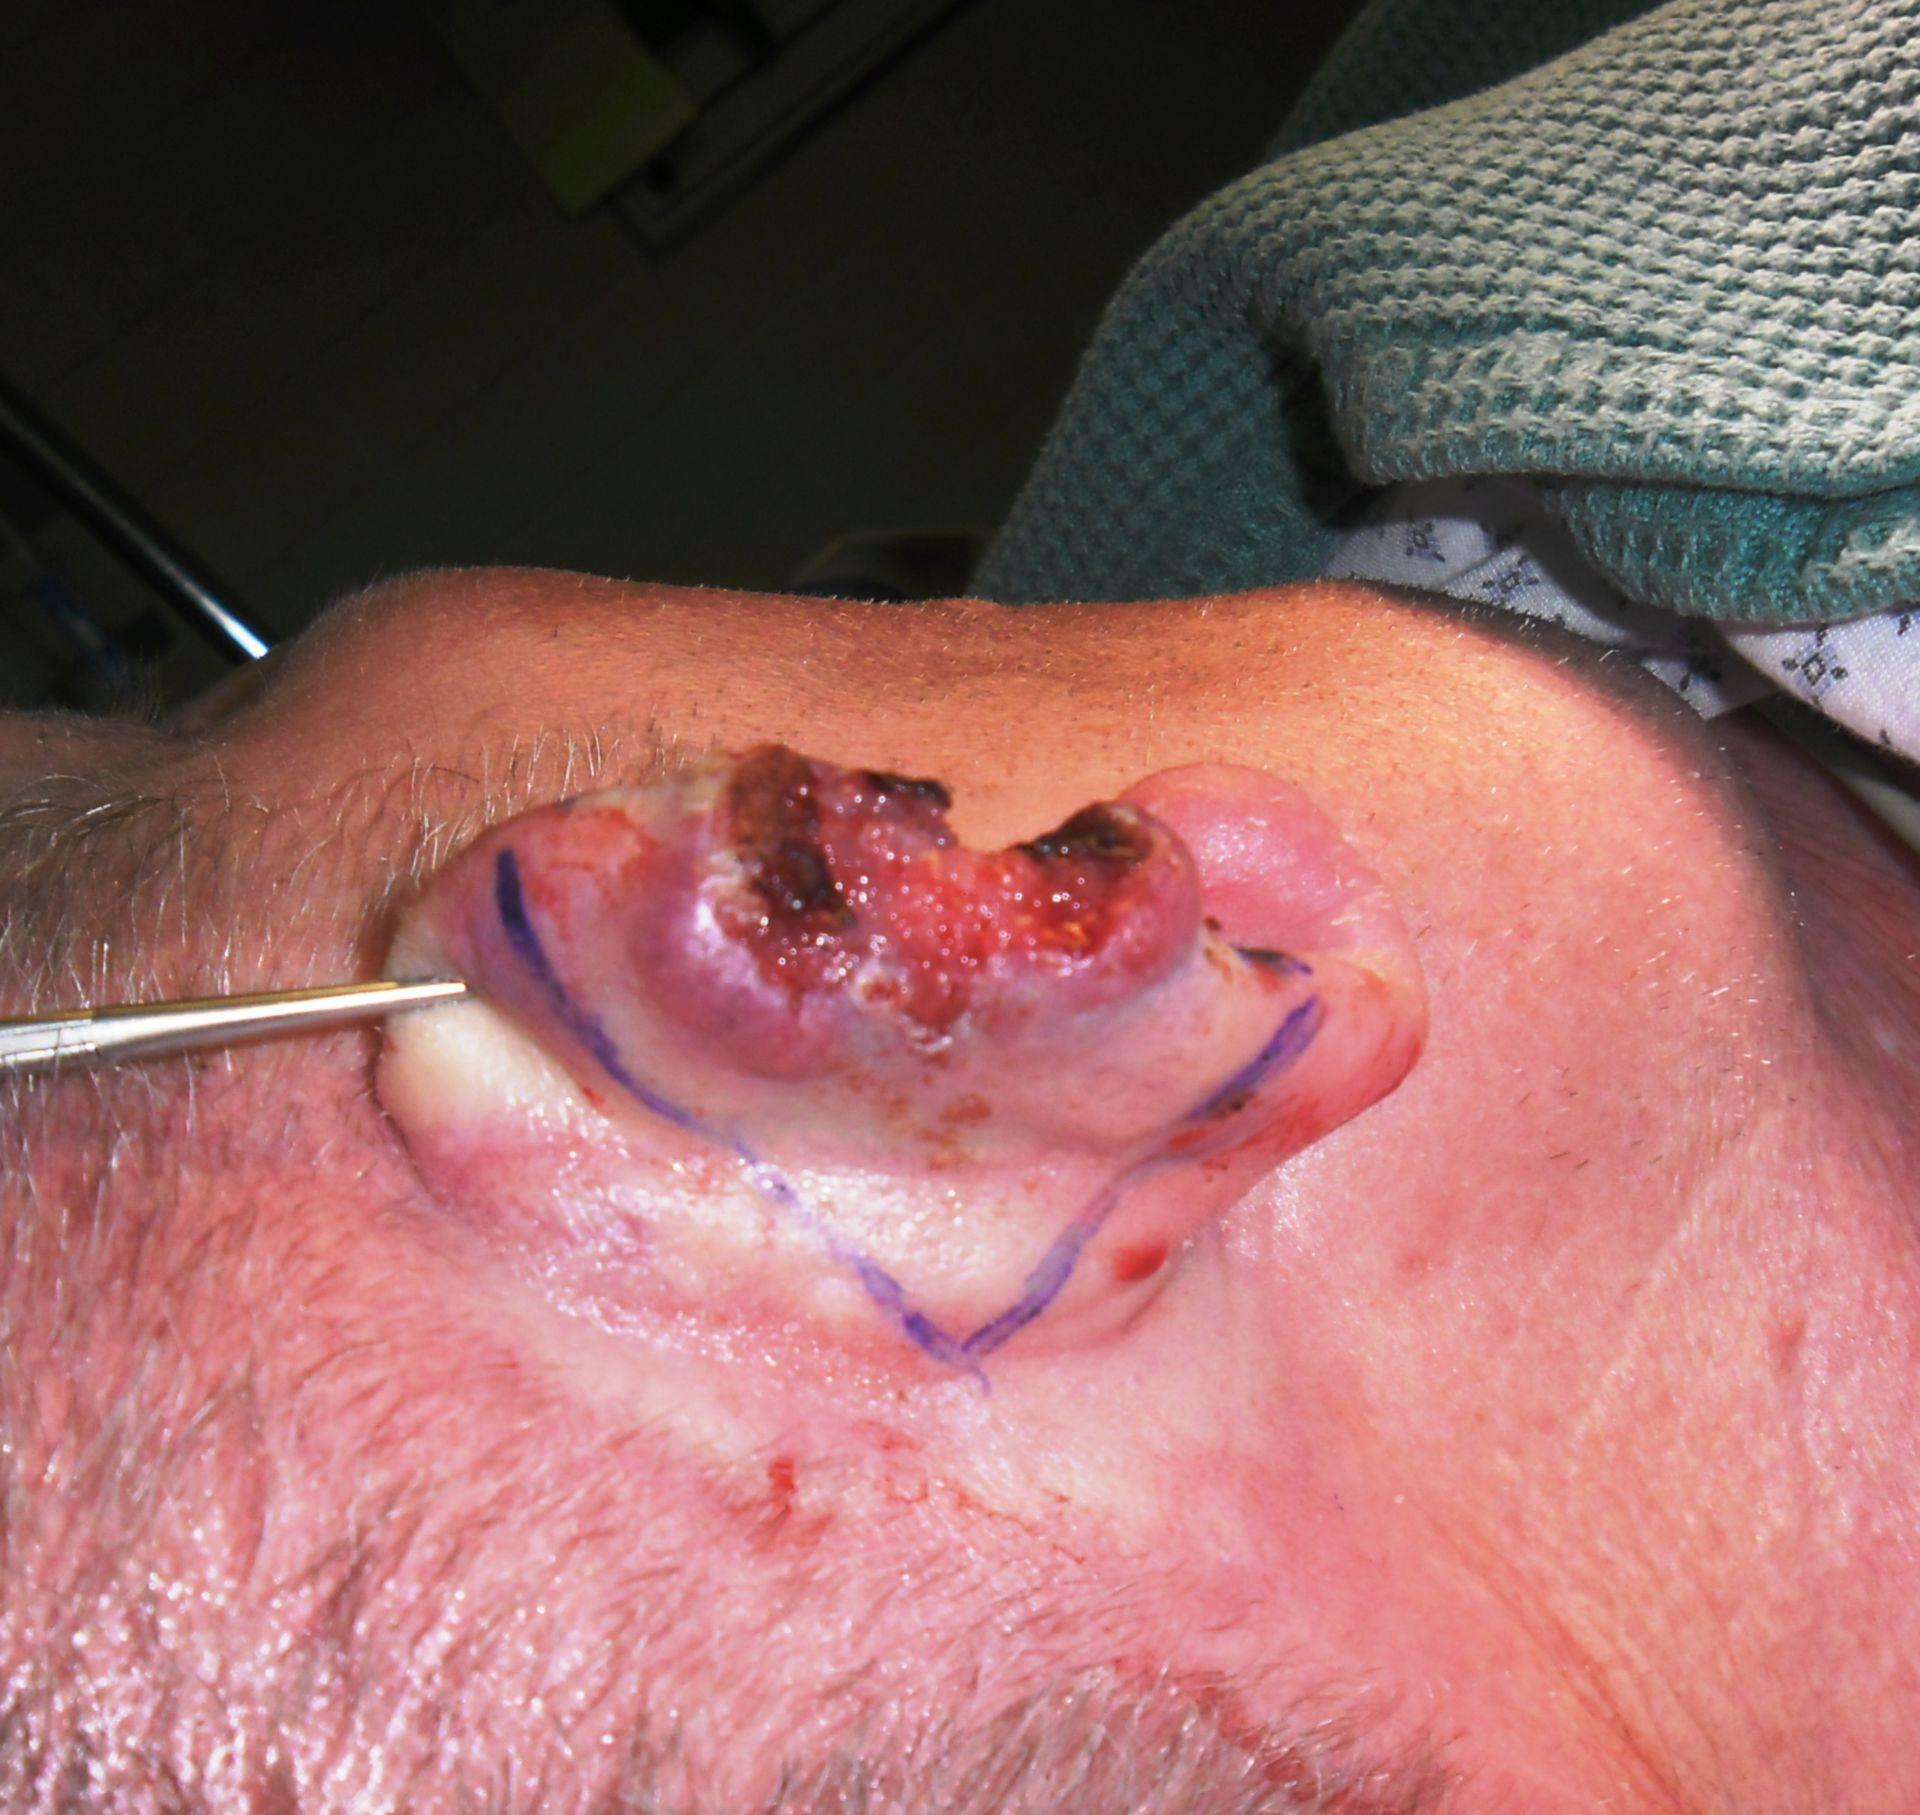 Carcinoma a cellule squamose della conca dell'orecchio